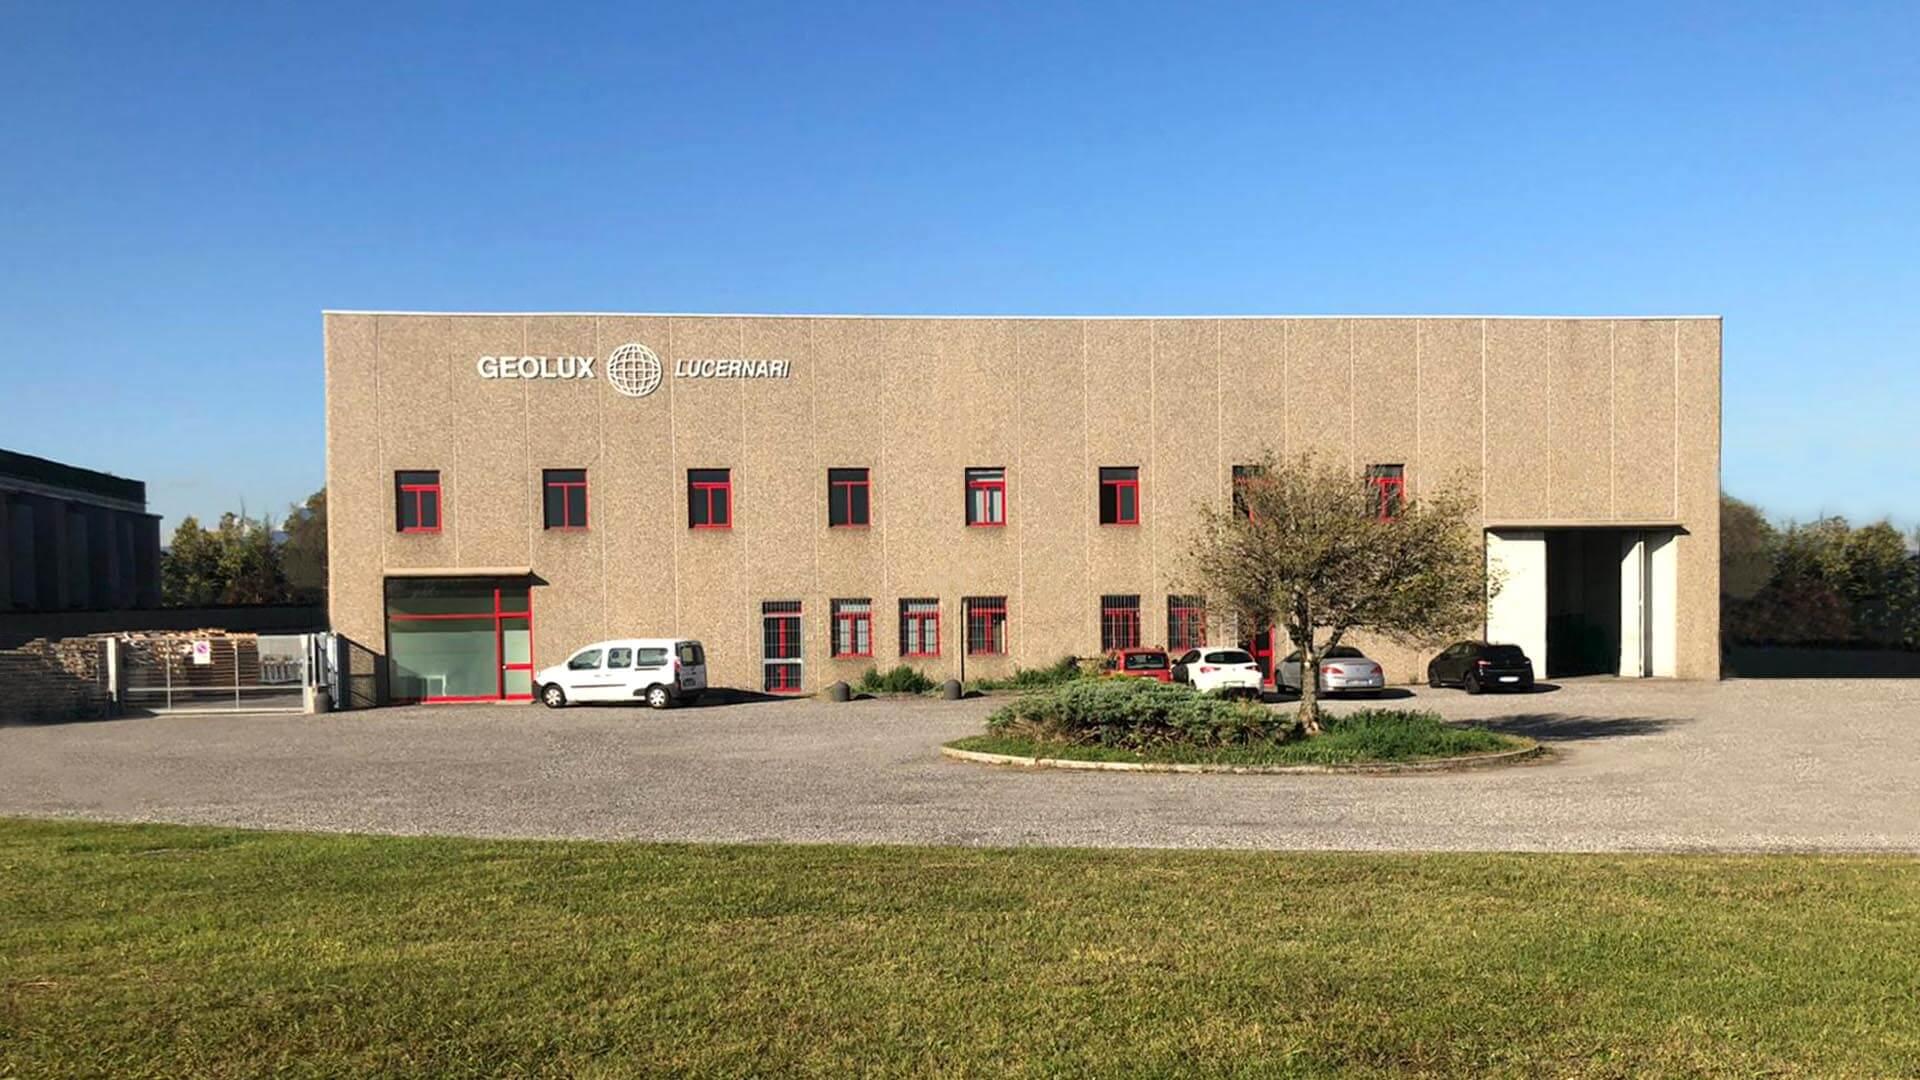 Geolux Sede